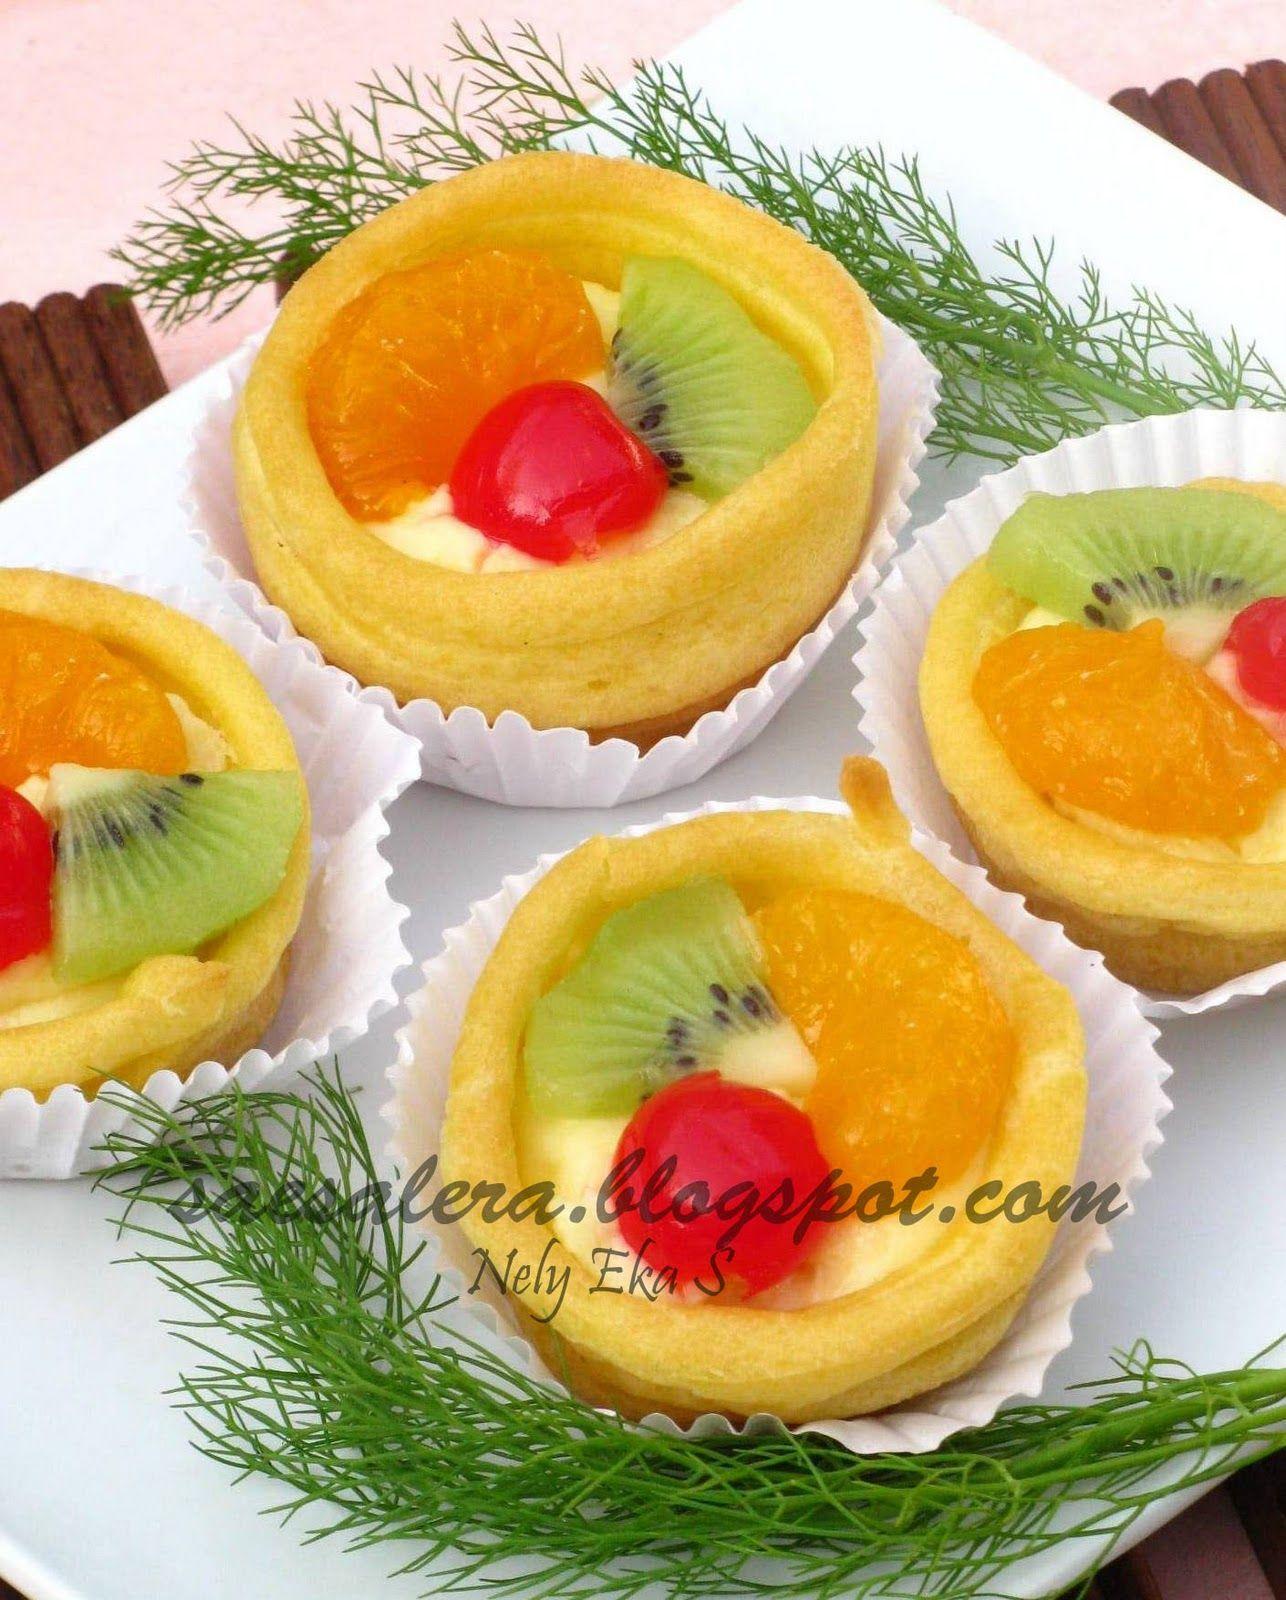 Resep Kue Sus Aneka Resep Membuat Resep Kue Sus Yang Memodifikasi Kue Ini Seperti Sekarang Bisa Kita Jumpai Resep Kue Su Makanan Dan Minuman Makanan Cemilan